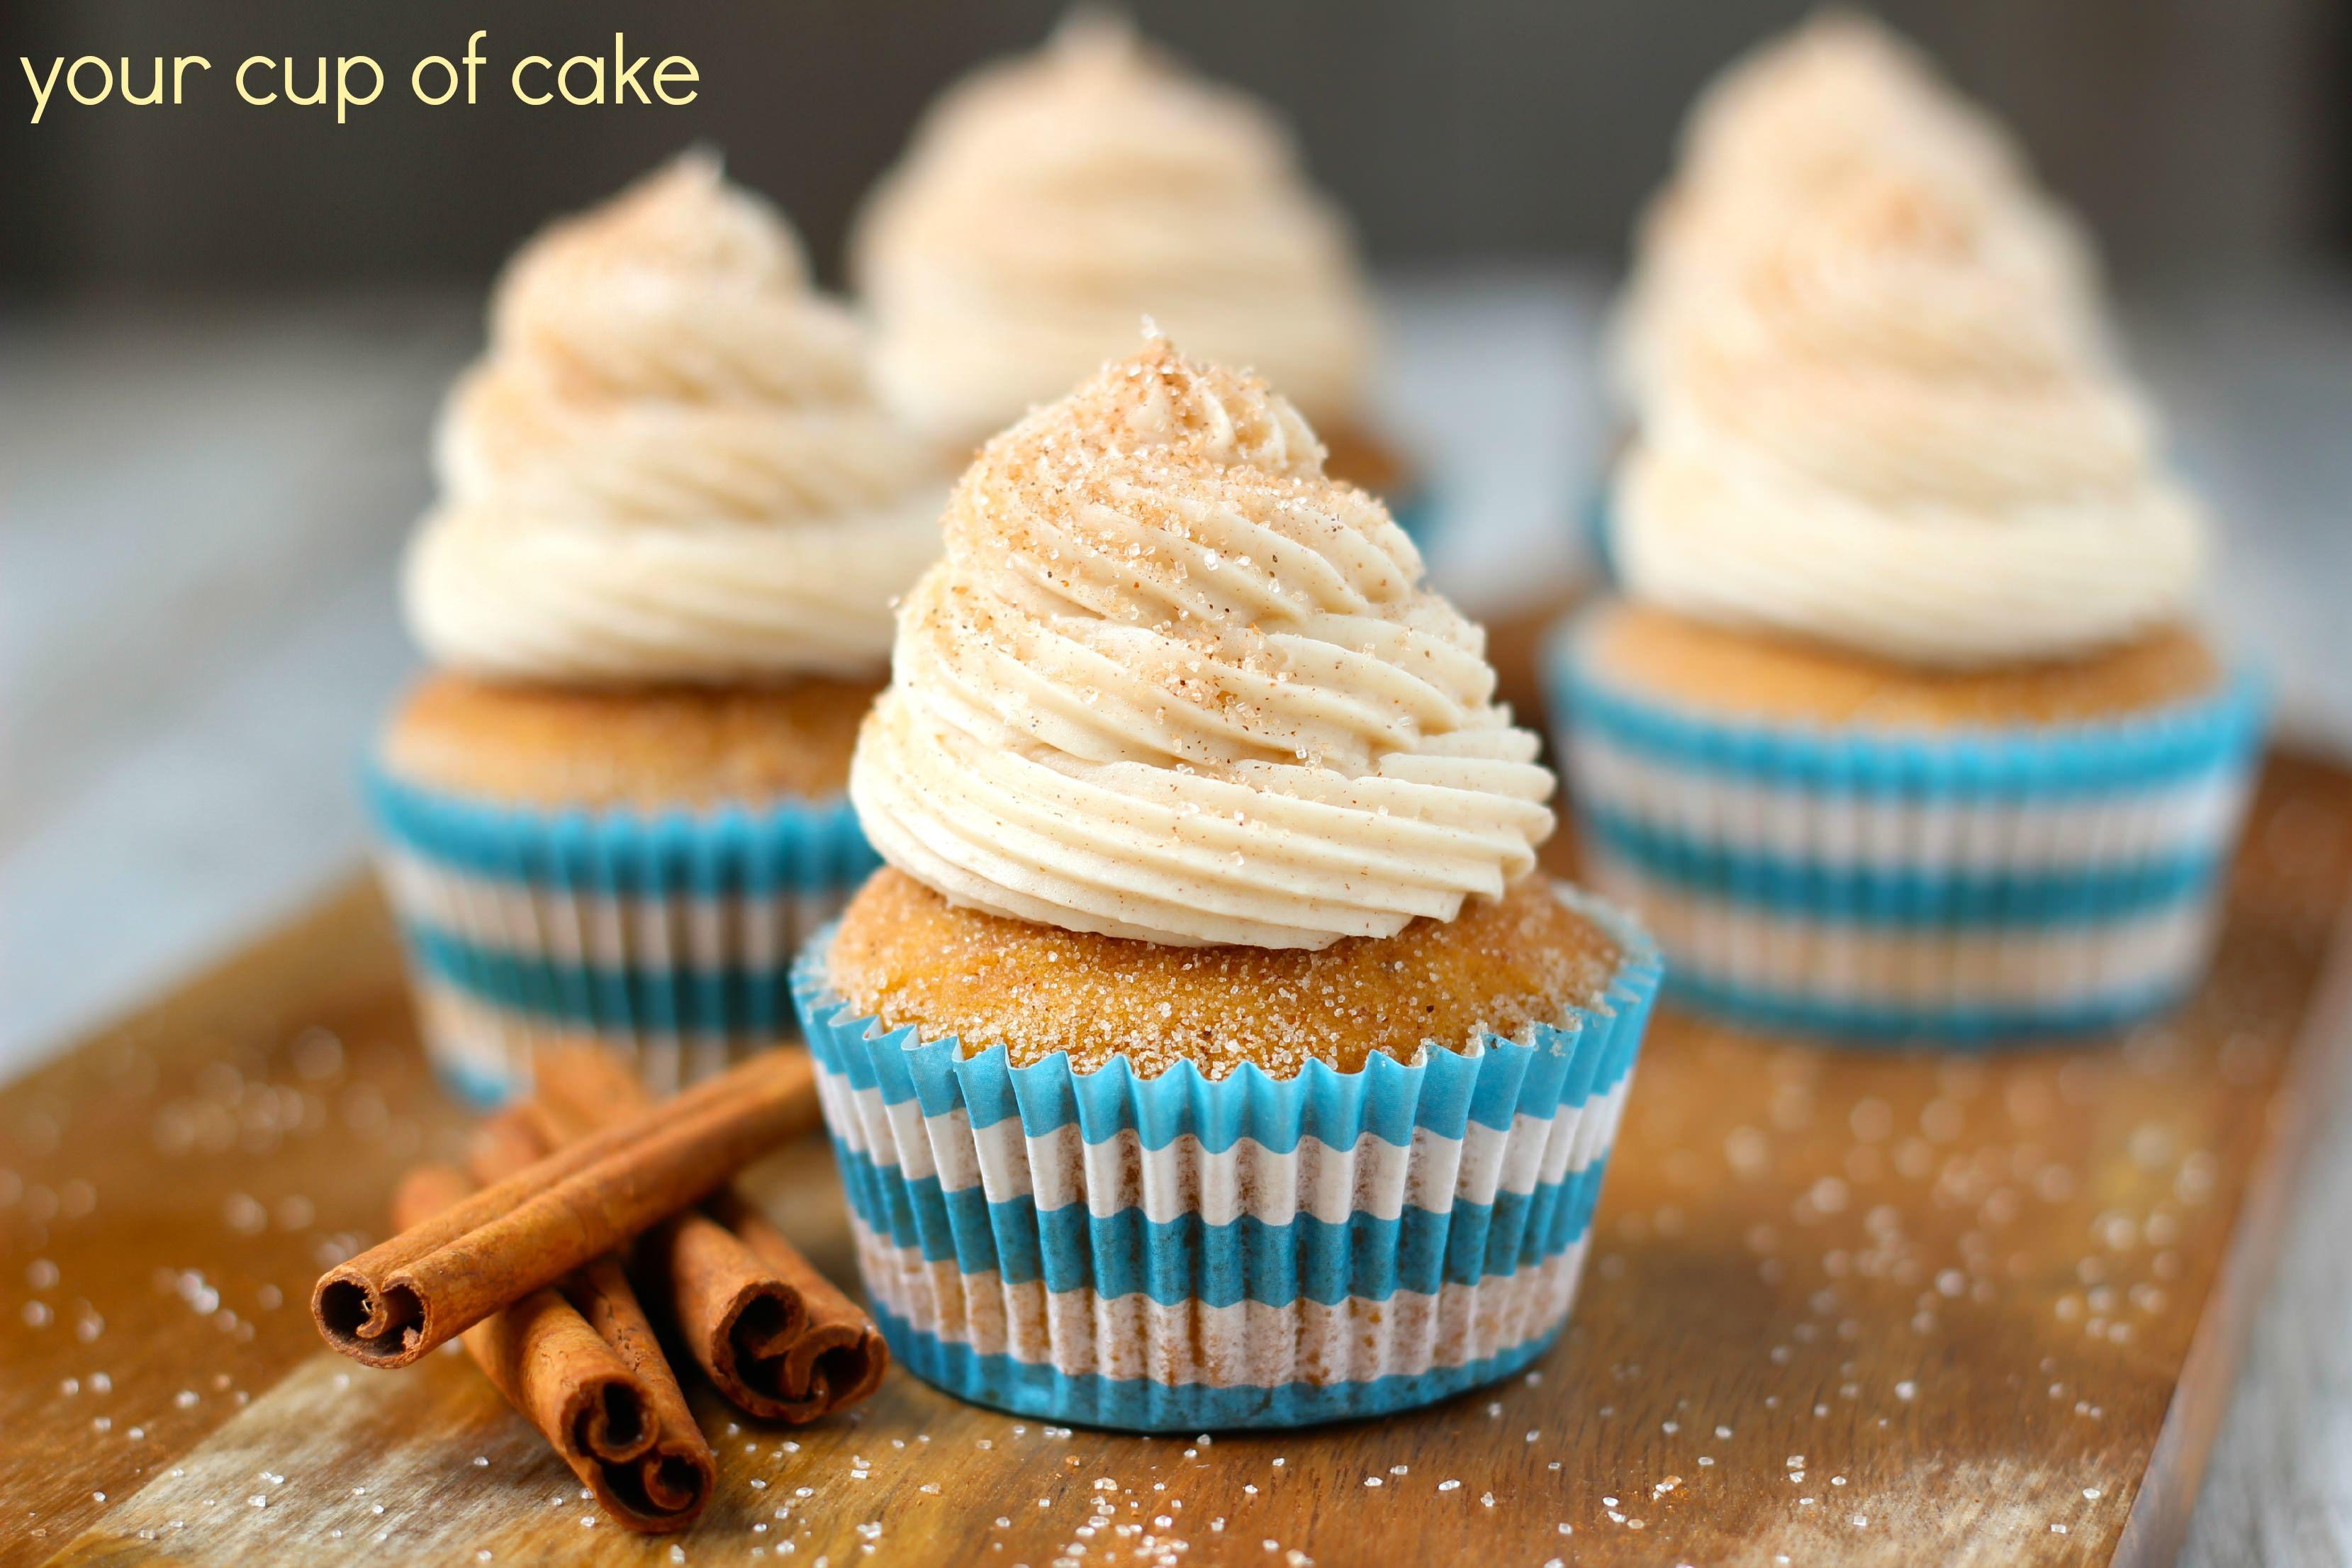 кексы пирожное cupcakes cake  № 132275 загрузить